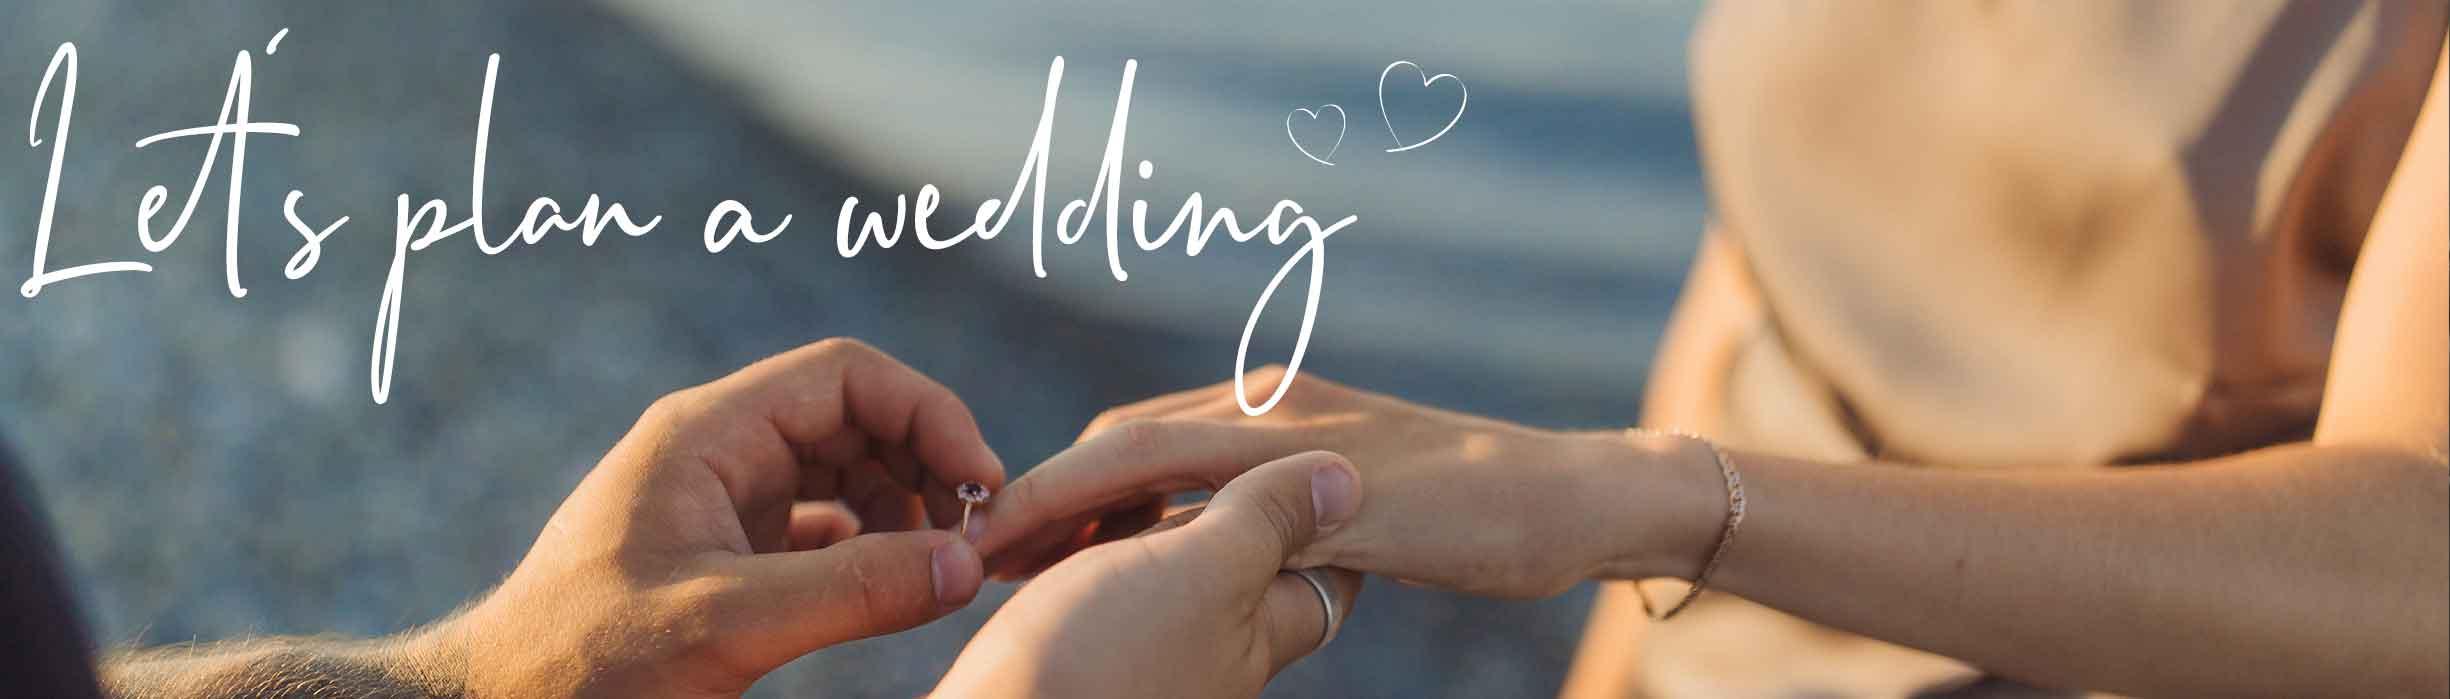 Hochzeitsplanung - Checkliste für die Planung der Hochzeit